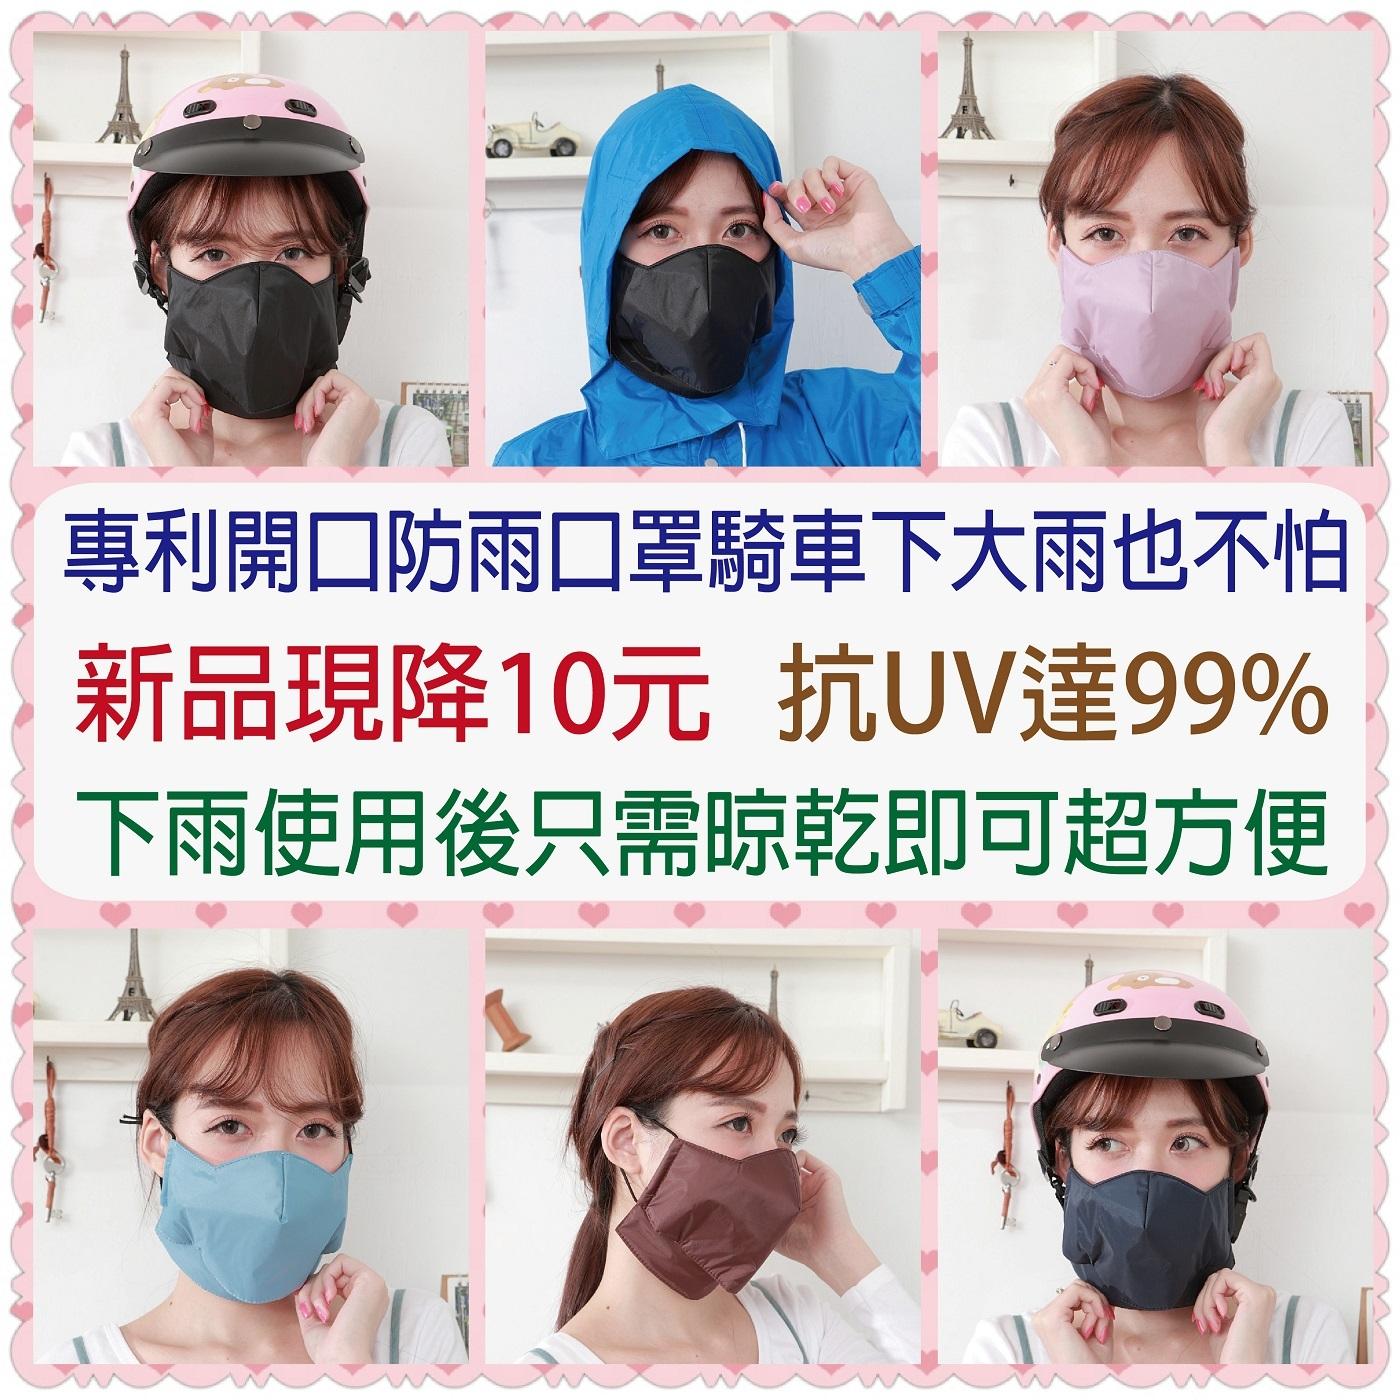 【雨晴牌-專利開口防雨口罩】特製親膚軟質防水布超舒適 防豪大雨 開口透氣 檢驗抗UV達99%